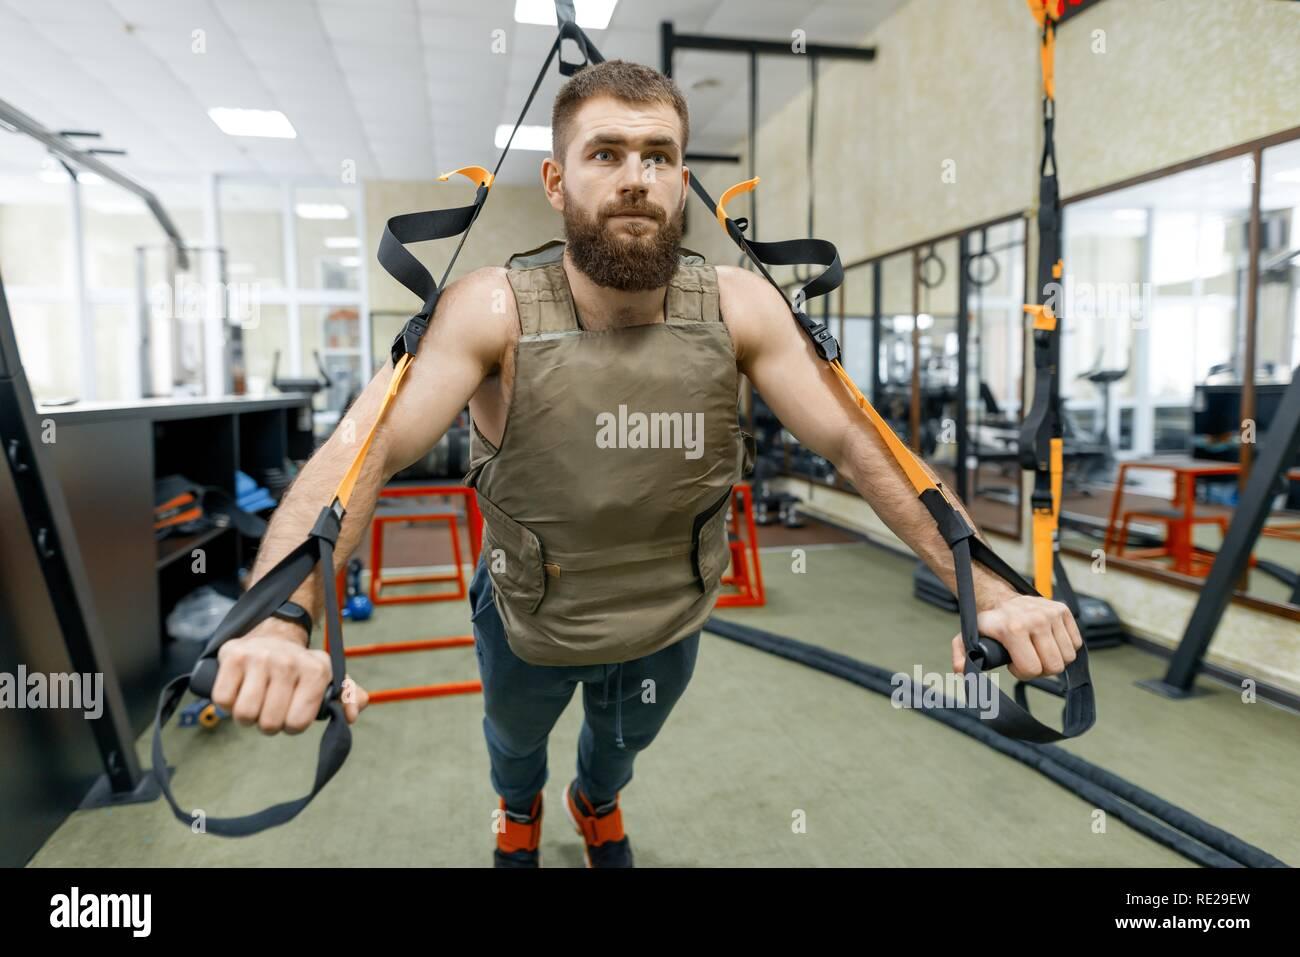 Hombre Barbado muscular vestidos de militar ponderado chaleco blindado haciendo ejercicios utilizando sistemas de correas en el gimnasio. Deporte, entrenamiento, culturismo y sanar Imagen De Stock